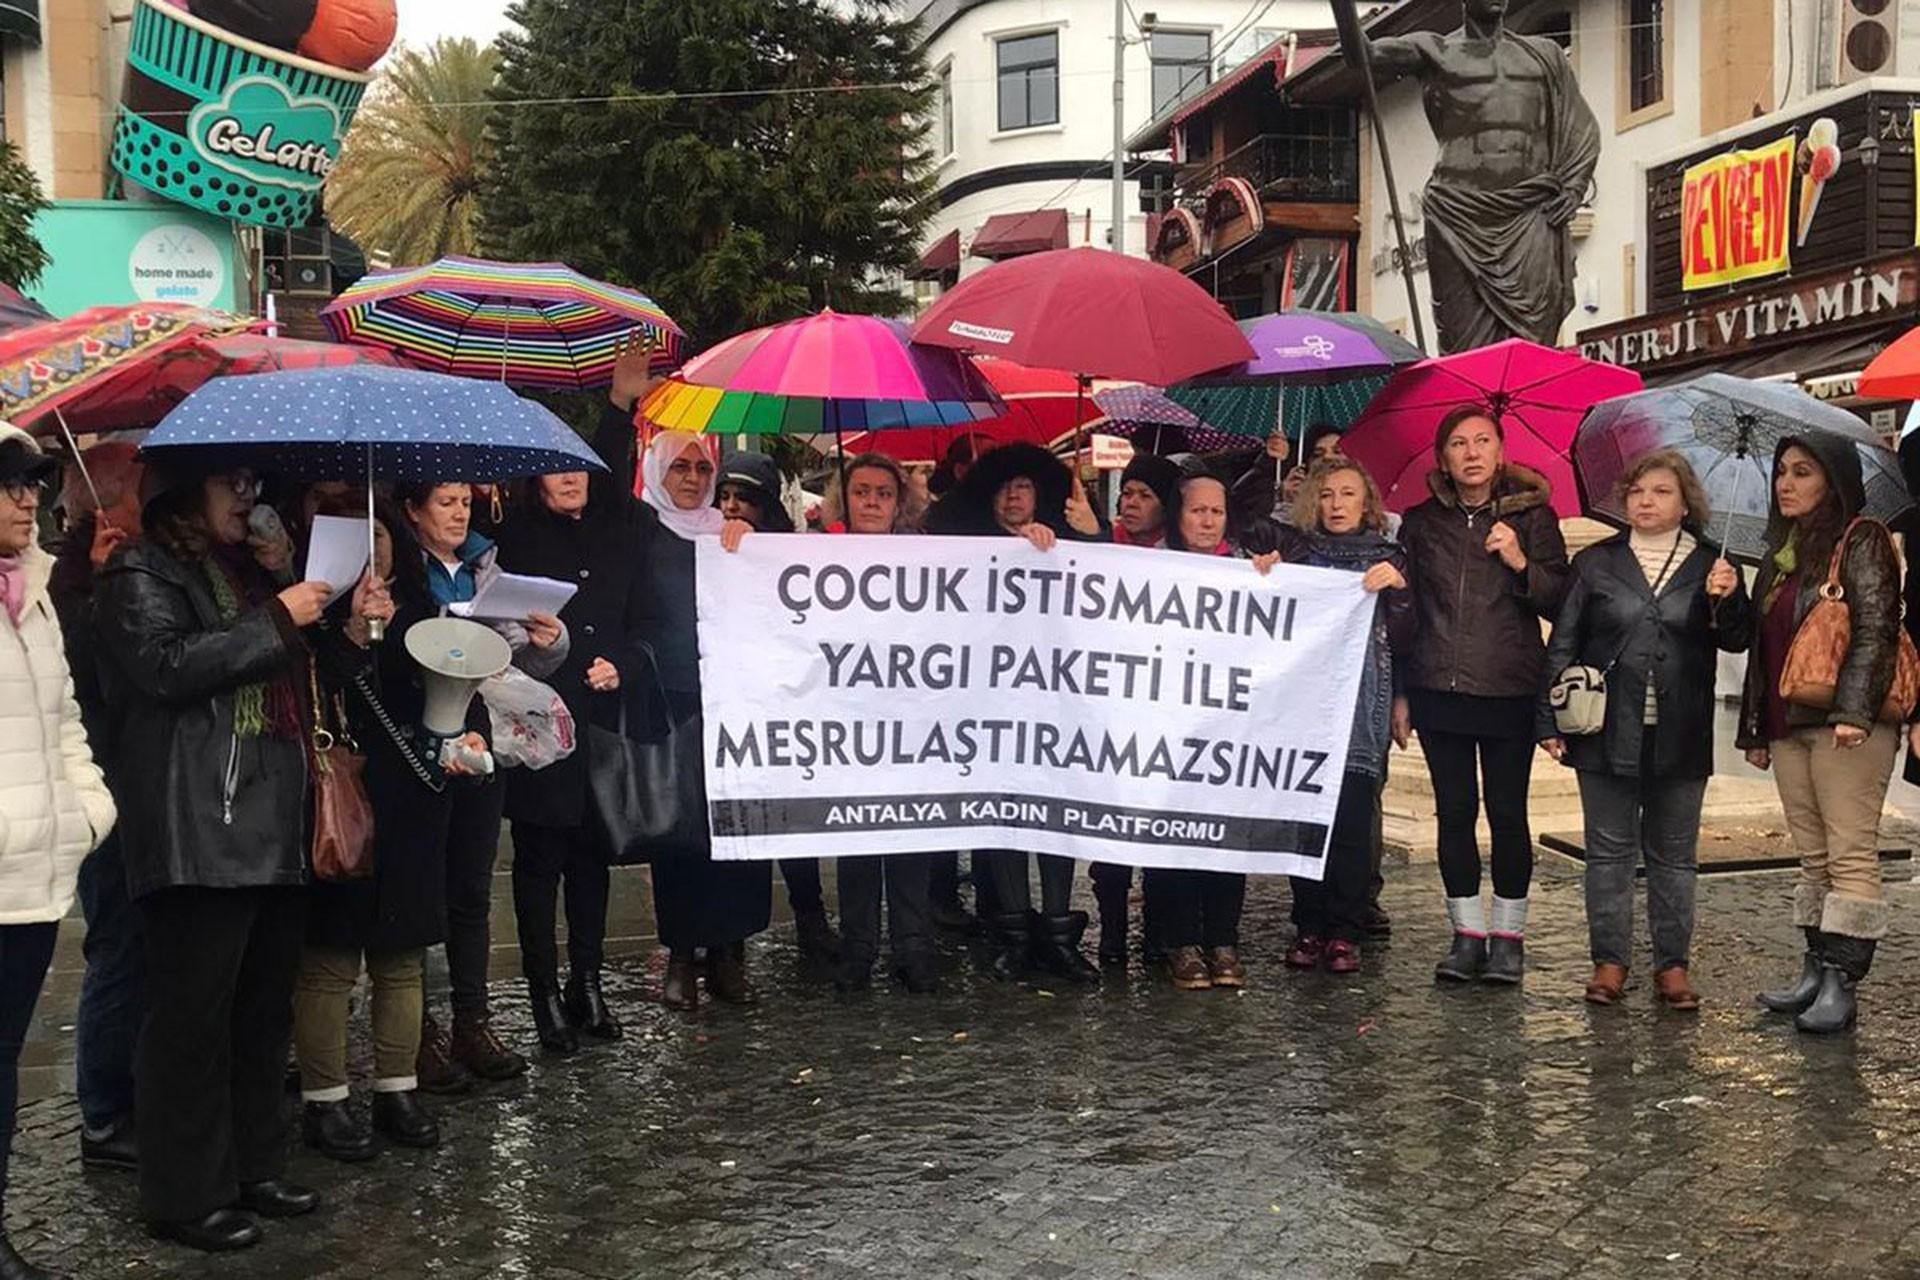 Antalya Kadın Platformu